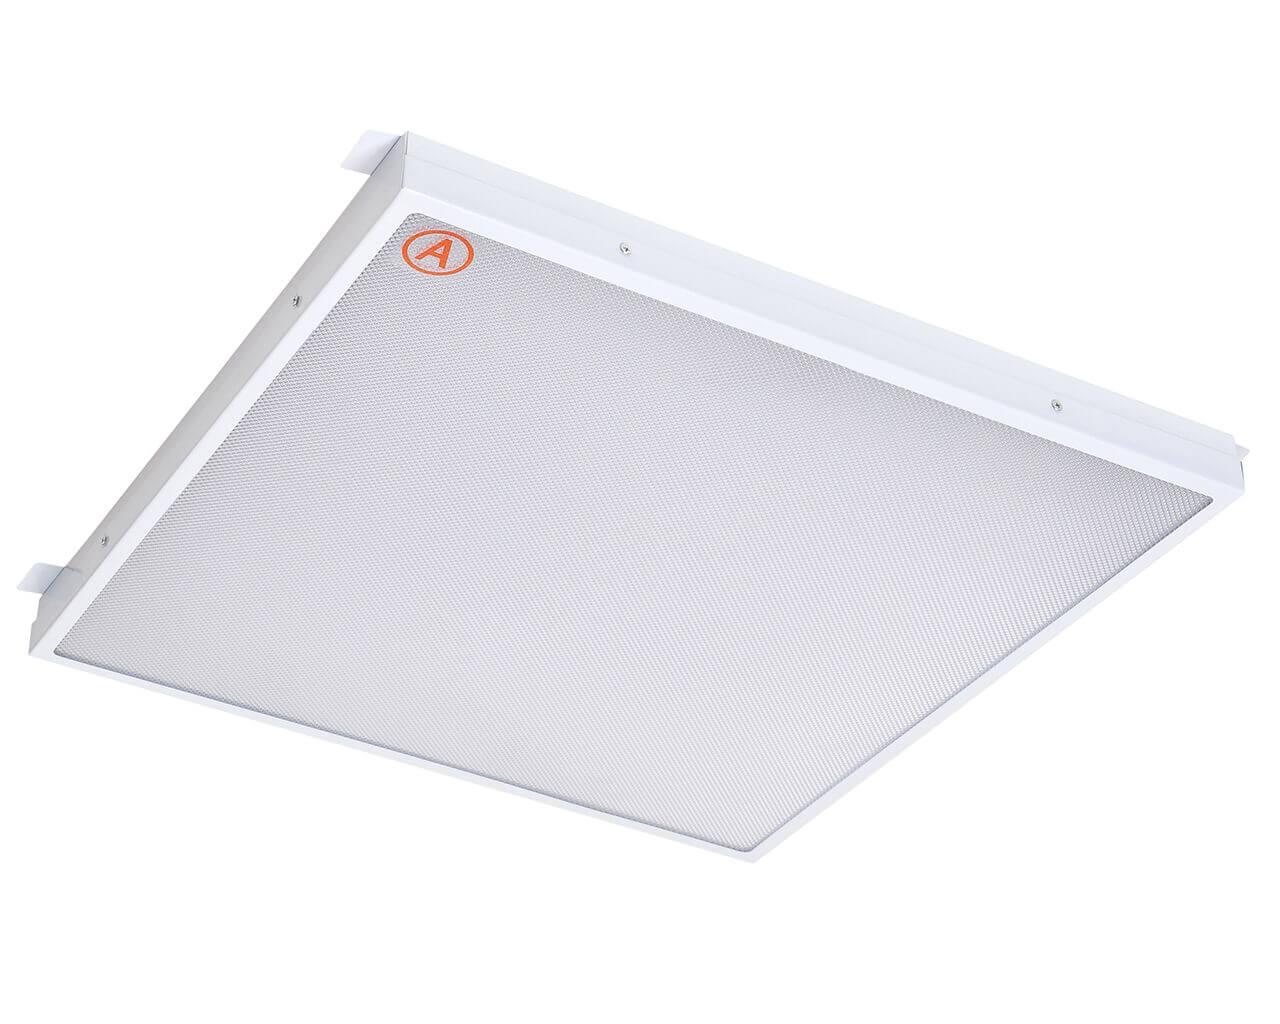 Встраиваемый светильник LC-GIP-80 580x580 Теплый белый Призма с Бап-3 часа